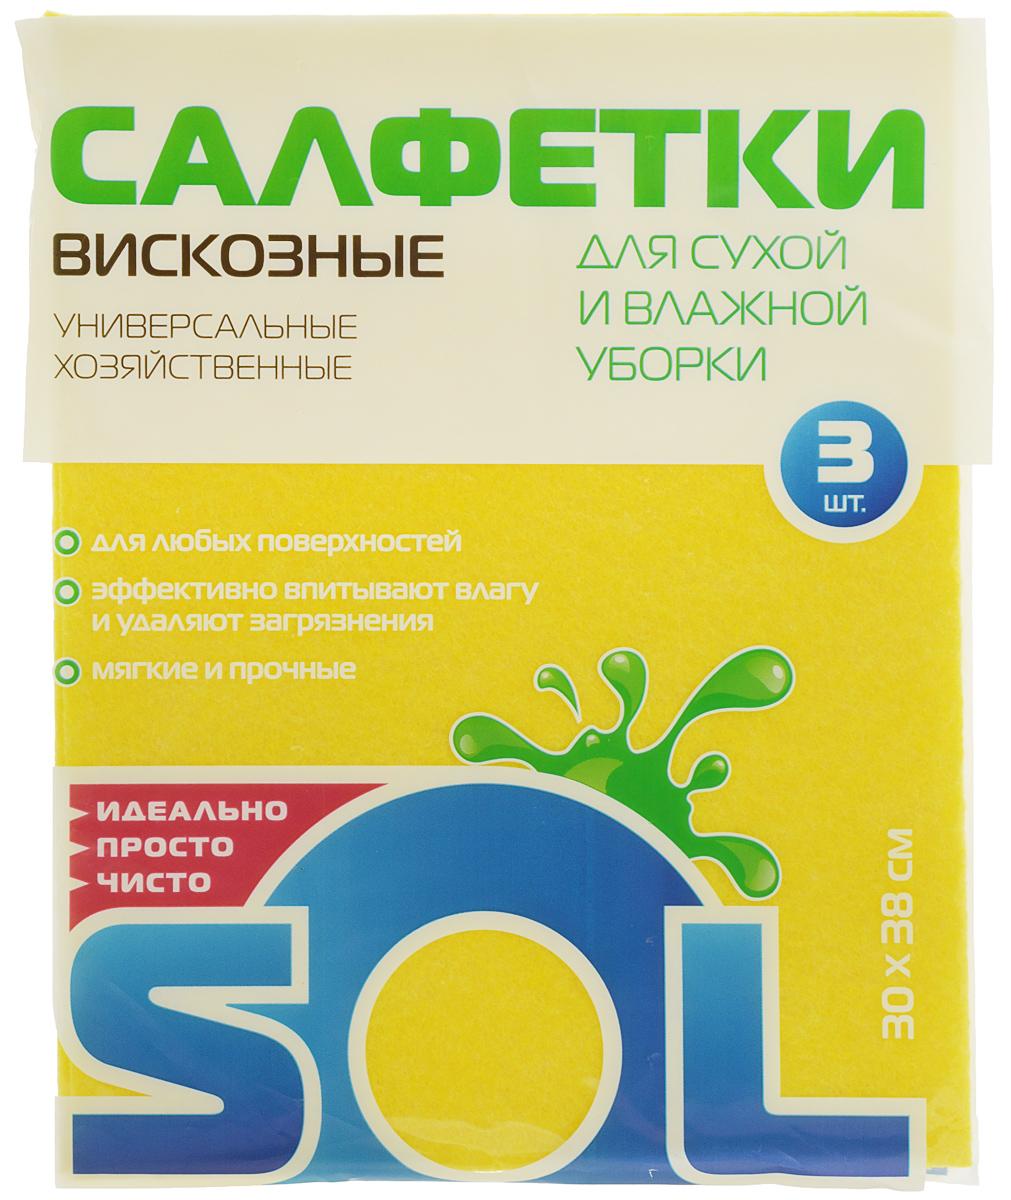 Салфетка для уборки Sol из вискозы, универсальная, цвет: желтый, 30 x 38 см, 3 штCLP446Салфетки для уборки Sol, выполненные из вискозы, предназначены для уборки и могут применяться с различными моющими средствами. Эффективно впитывают жидкость. Мягкие и прочные, легко отжимаются и быстро сохнут.Рекомендации по уходу: Для обеспечения гигиеничности уборки после применения прополоскать в теплой воде.Для продления срока службы не применять машинную стирку, не гладить и не кипятить.